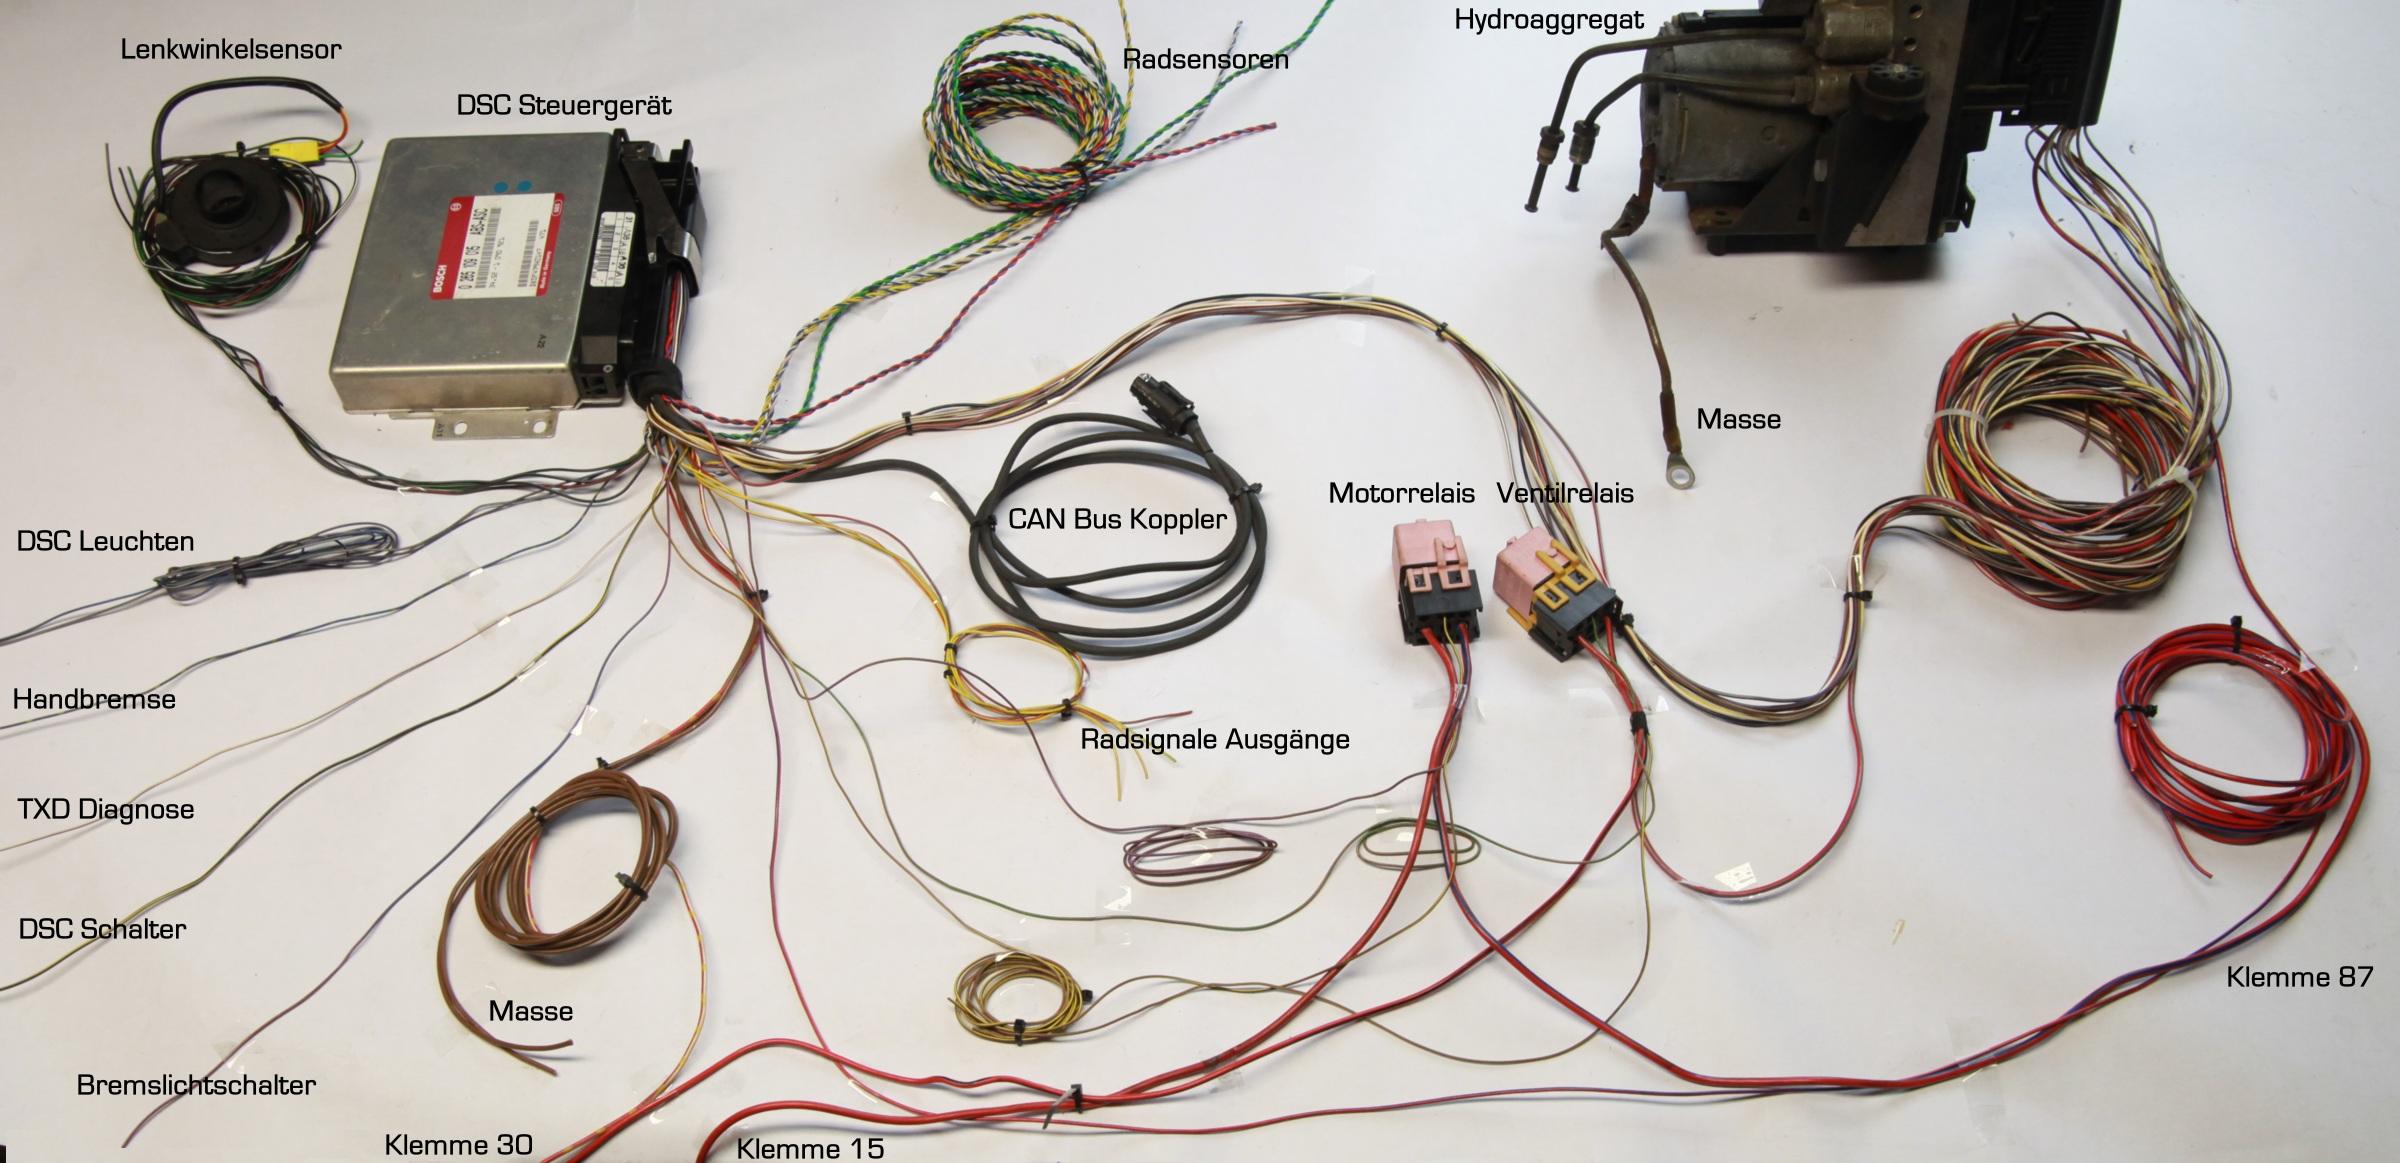 E30 Seite Dsc Com Bus Wiring Diagram Das Wurde Von Mir Aus Dem E38 Ausgebaut Und Etwas Sortiert